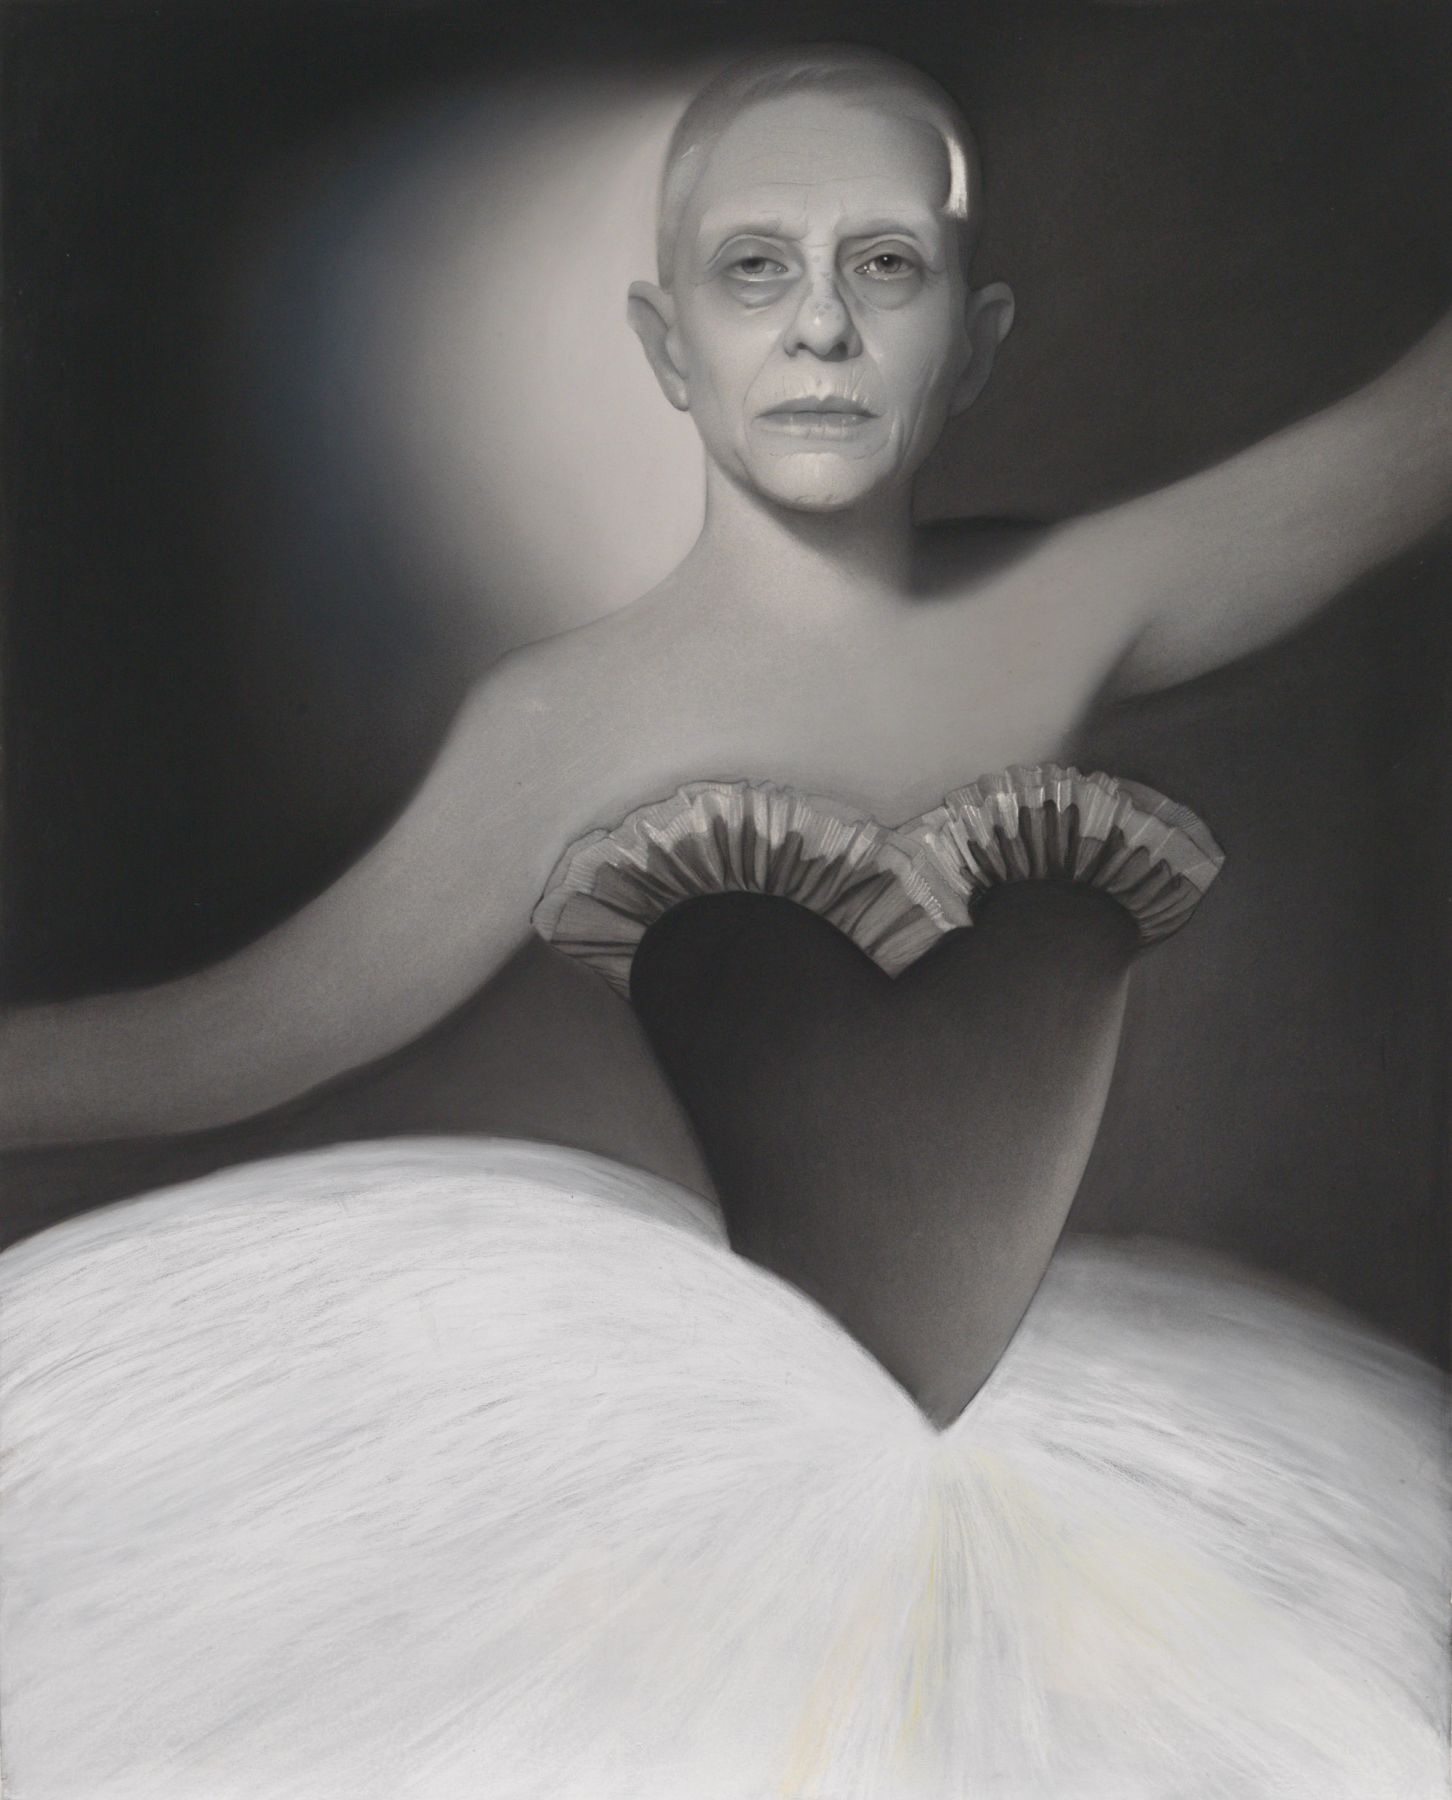 susan hauptman, Self Portrait (L'apres-midi D'un Faune), 2014, charcoal on paper, 47 1/2 x 59 inches